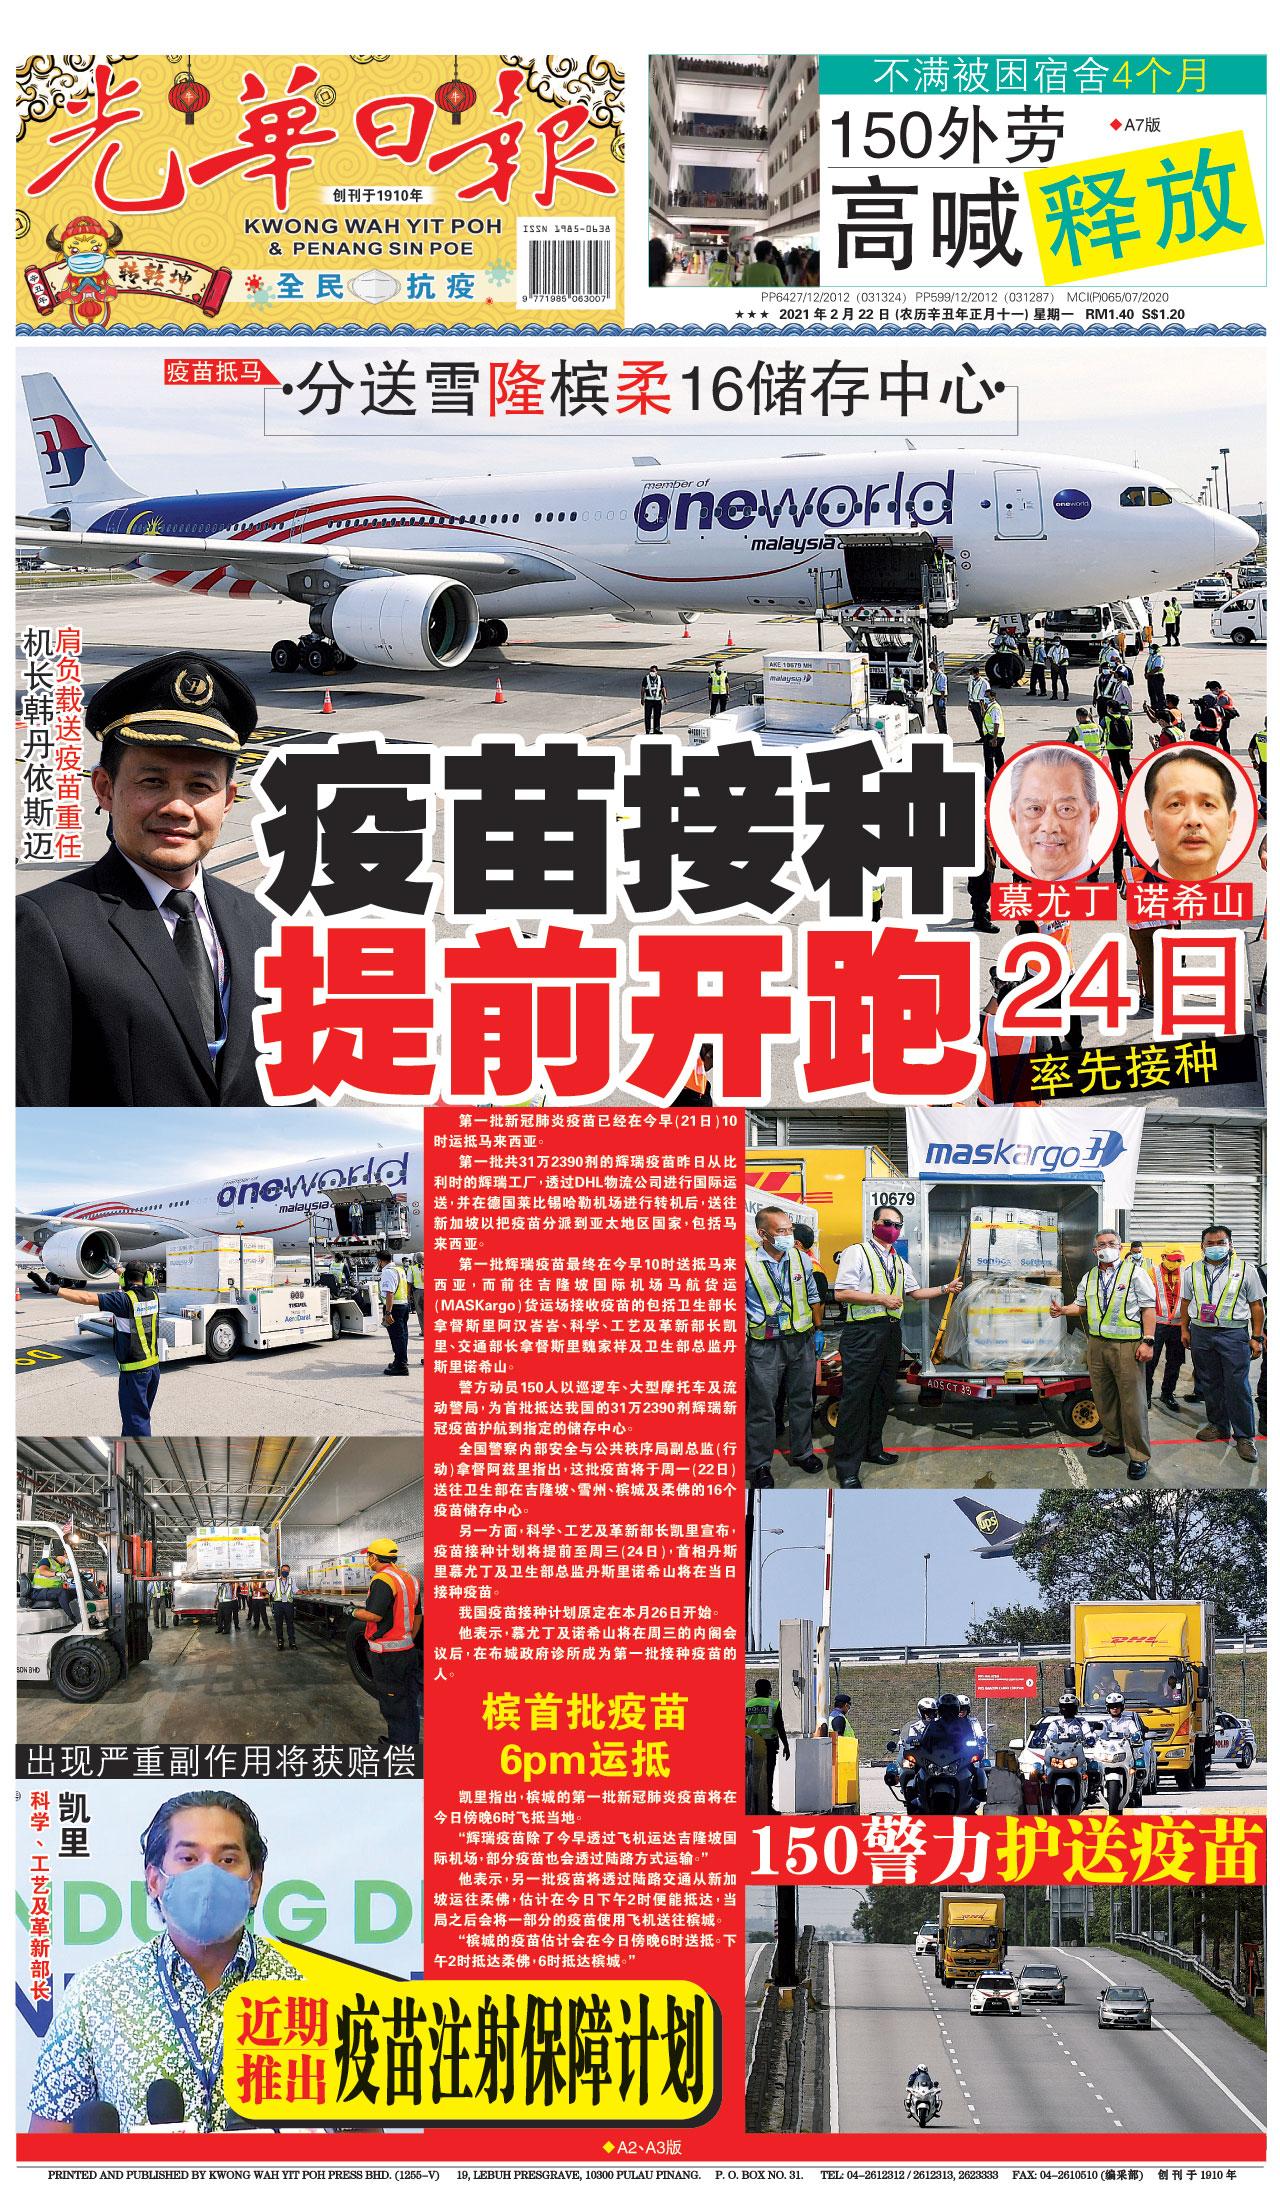 【A1新闻头条】2021年2月22日(晚报)